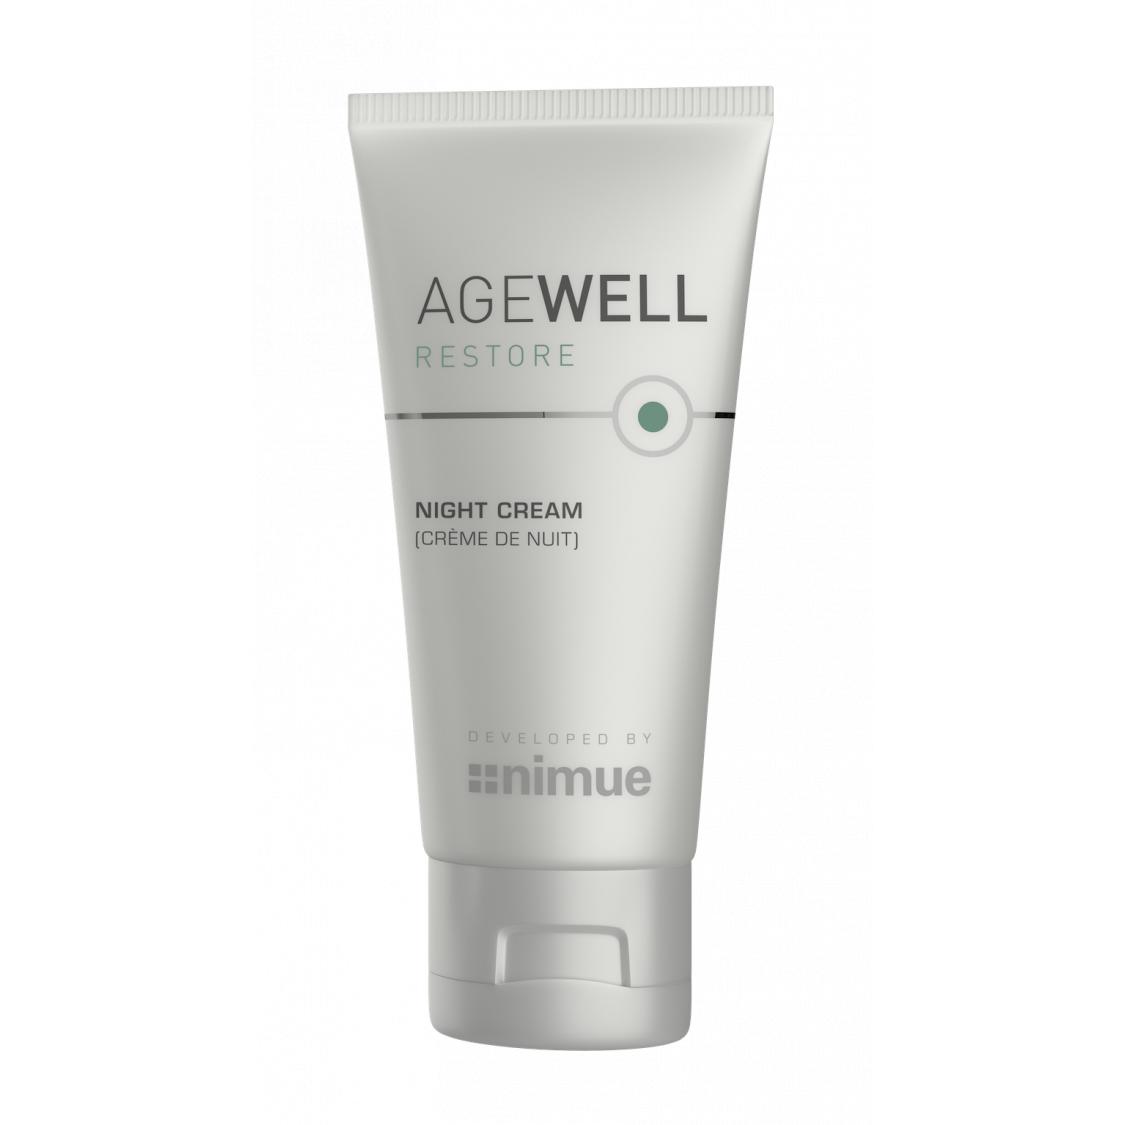 Agewell - Restore Night Cream 40's+ 50ml